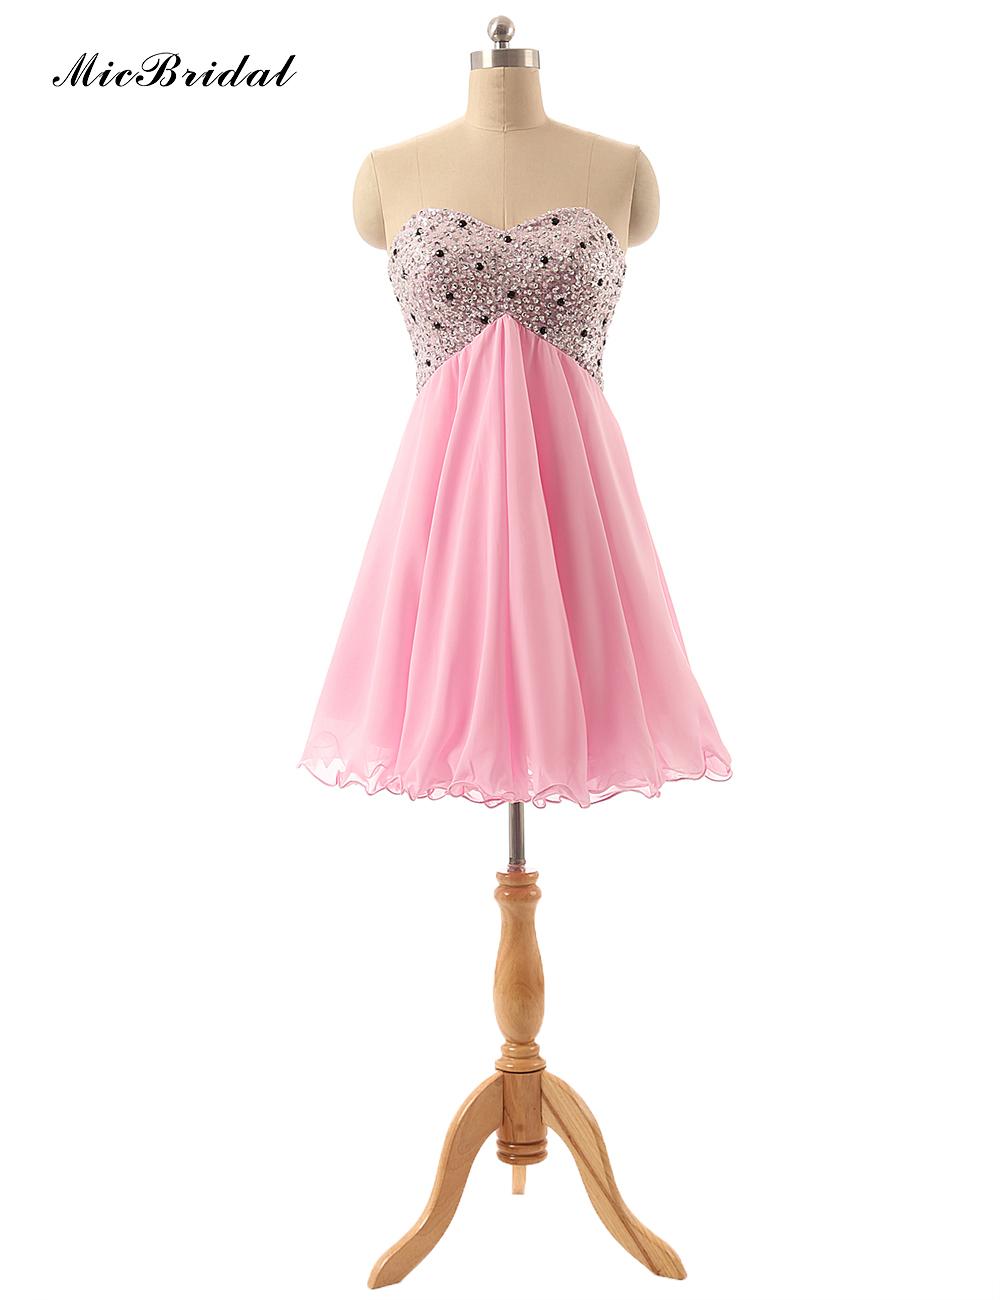 micbridal 2016 short prom dresses pink femme robe de. Black Bedroom Furniture Sets. Home Design Ideas